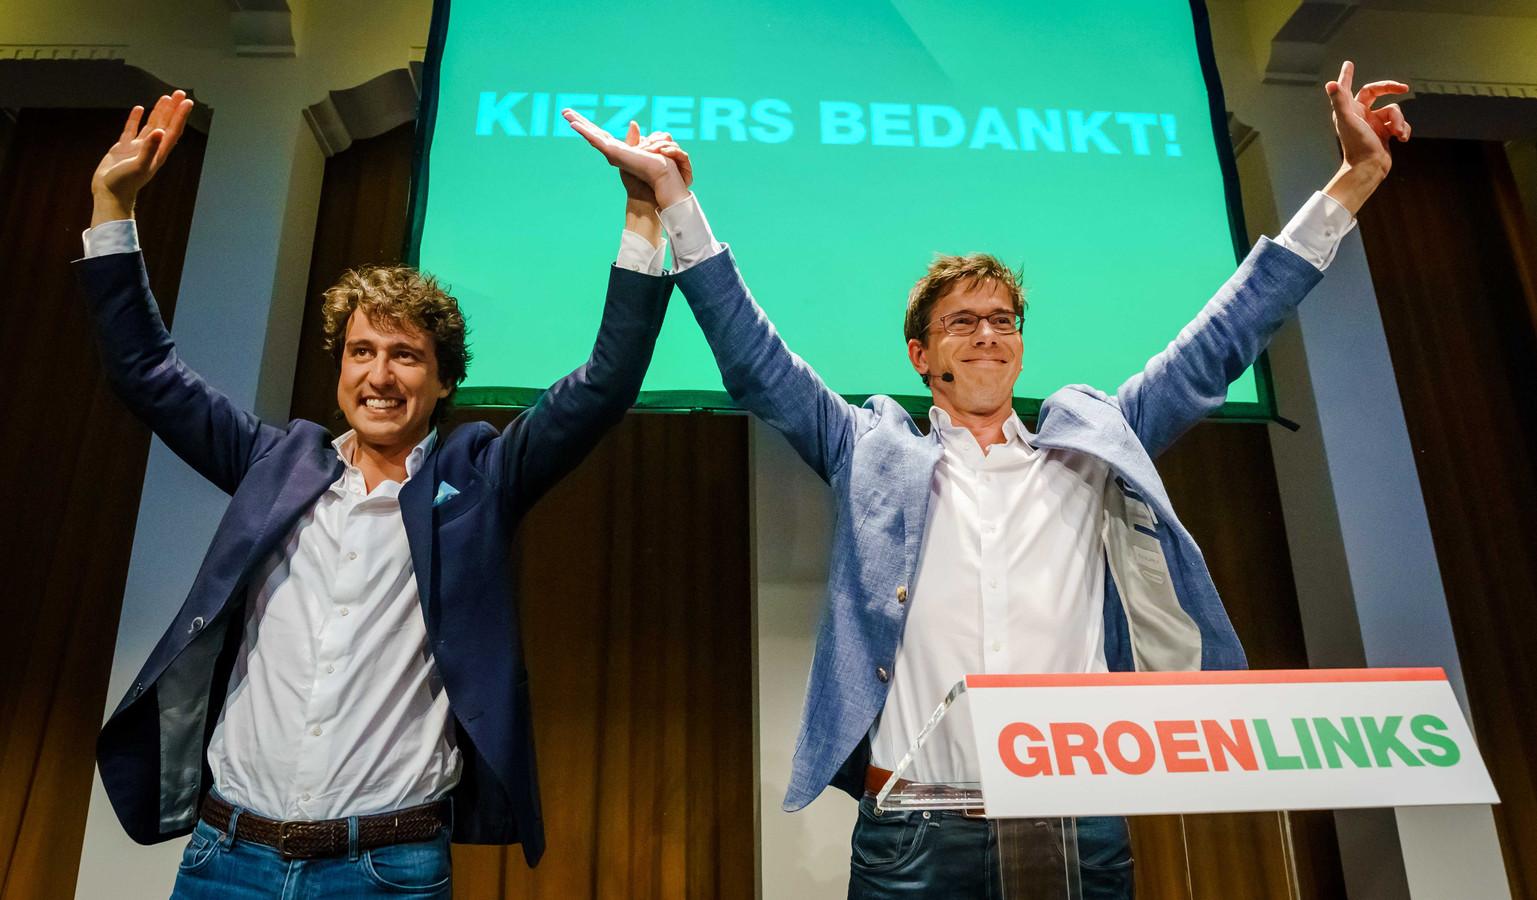 GroenLinks-leider Jesse Klaver (links) en lijsttrekker voor het Europees Parlement Bas Eickhout na afloop van de exitpolls van de Europese Parlementsverkiezingen.